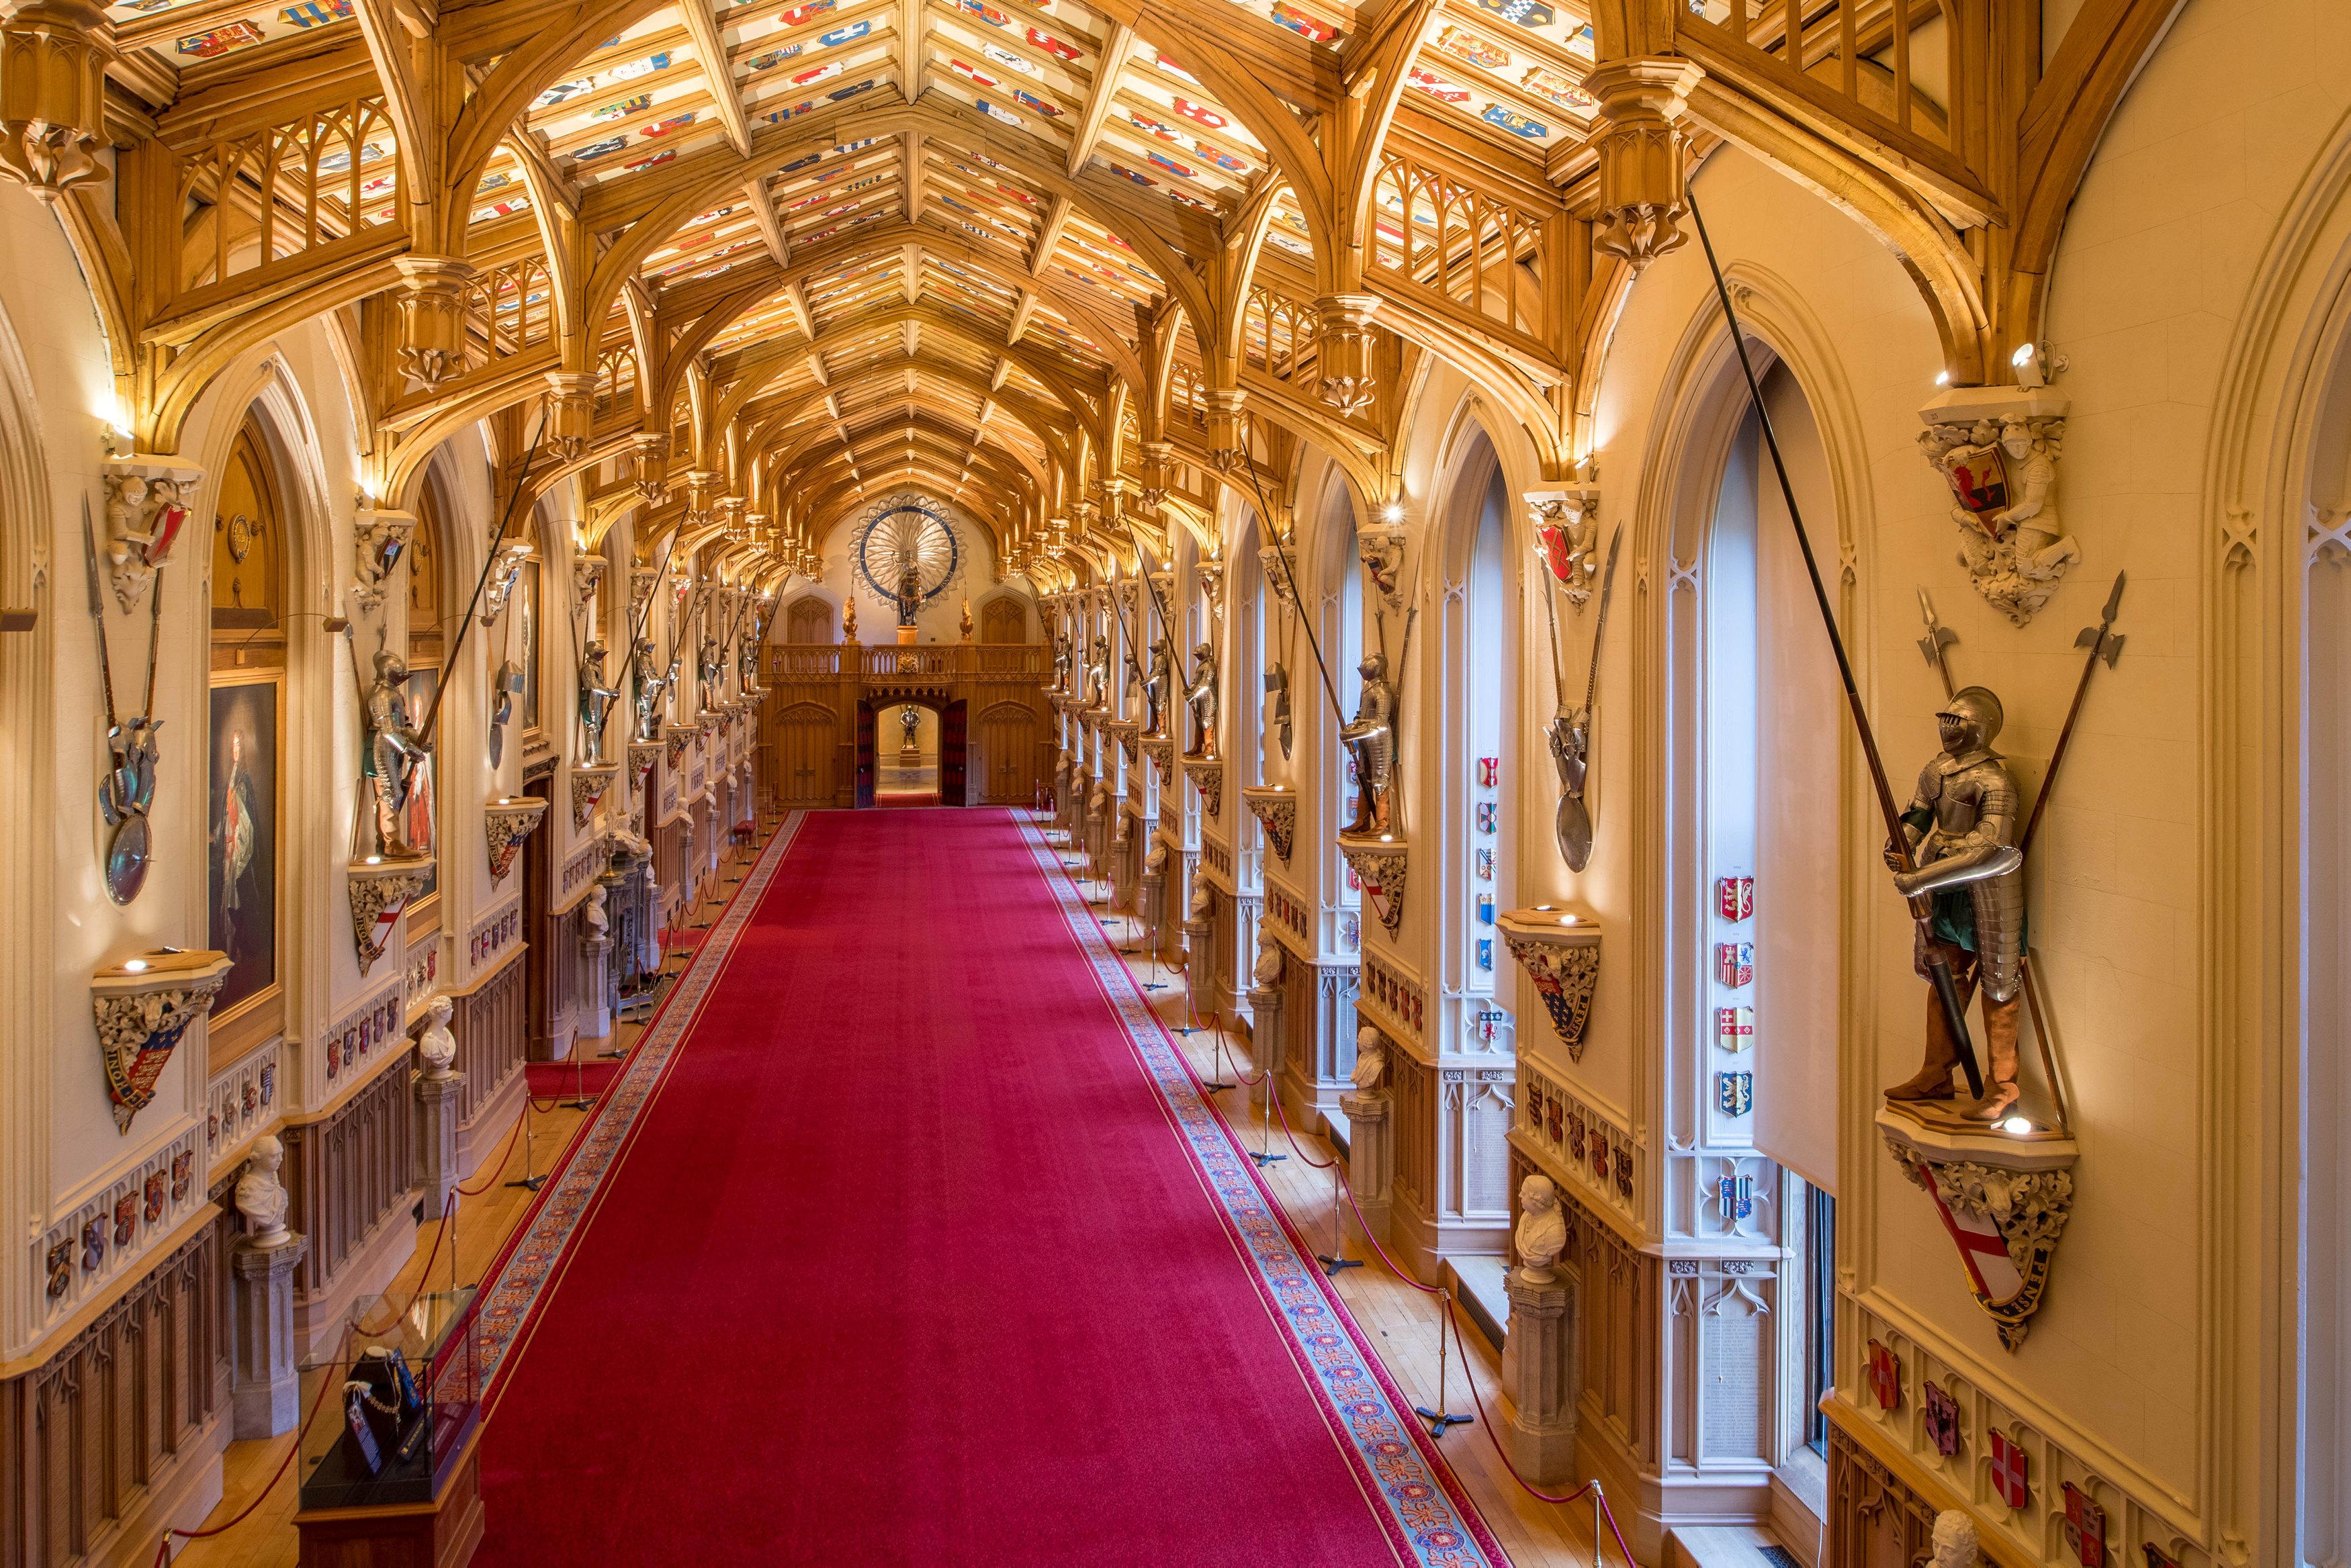 La sala San Jorge del Castillo de Windsor donde el príncipe Harry y Meghan Markle ofrecerán una recepción